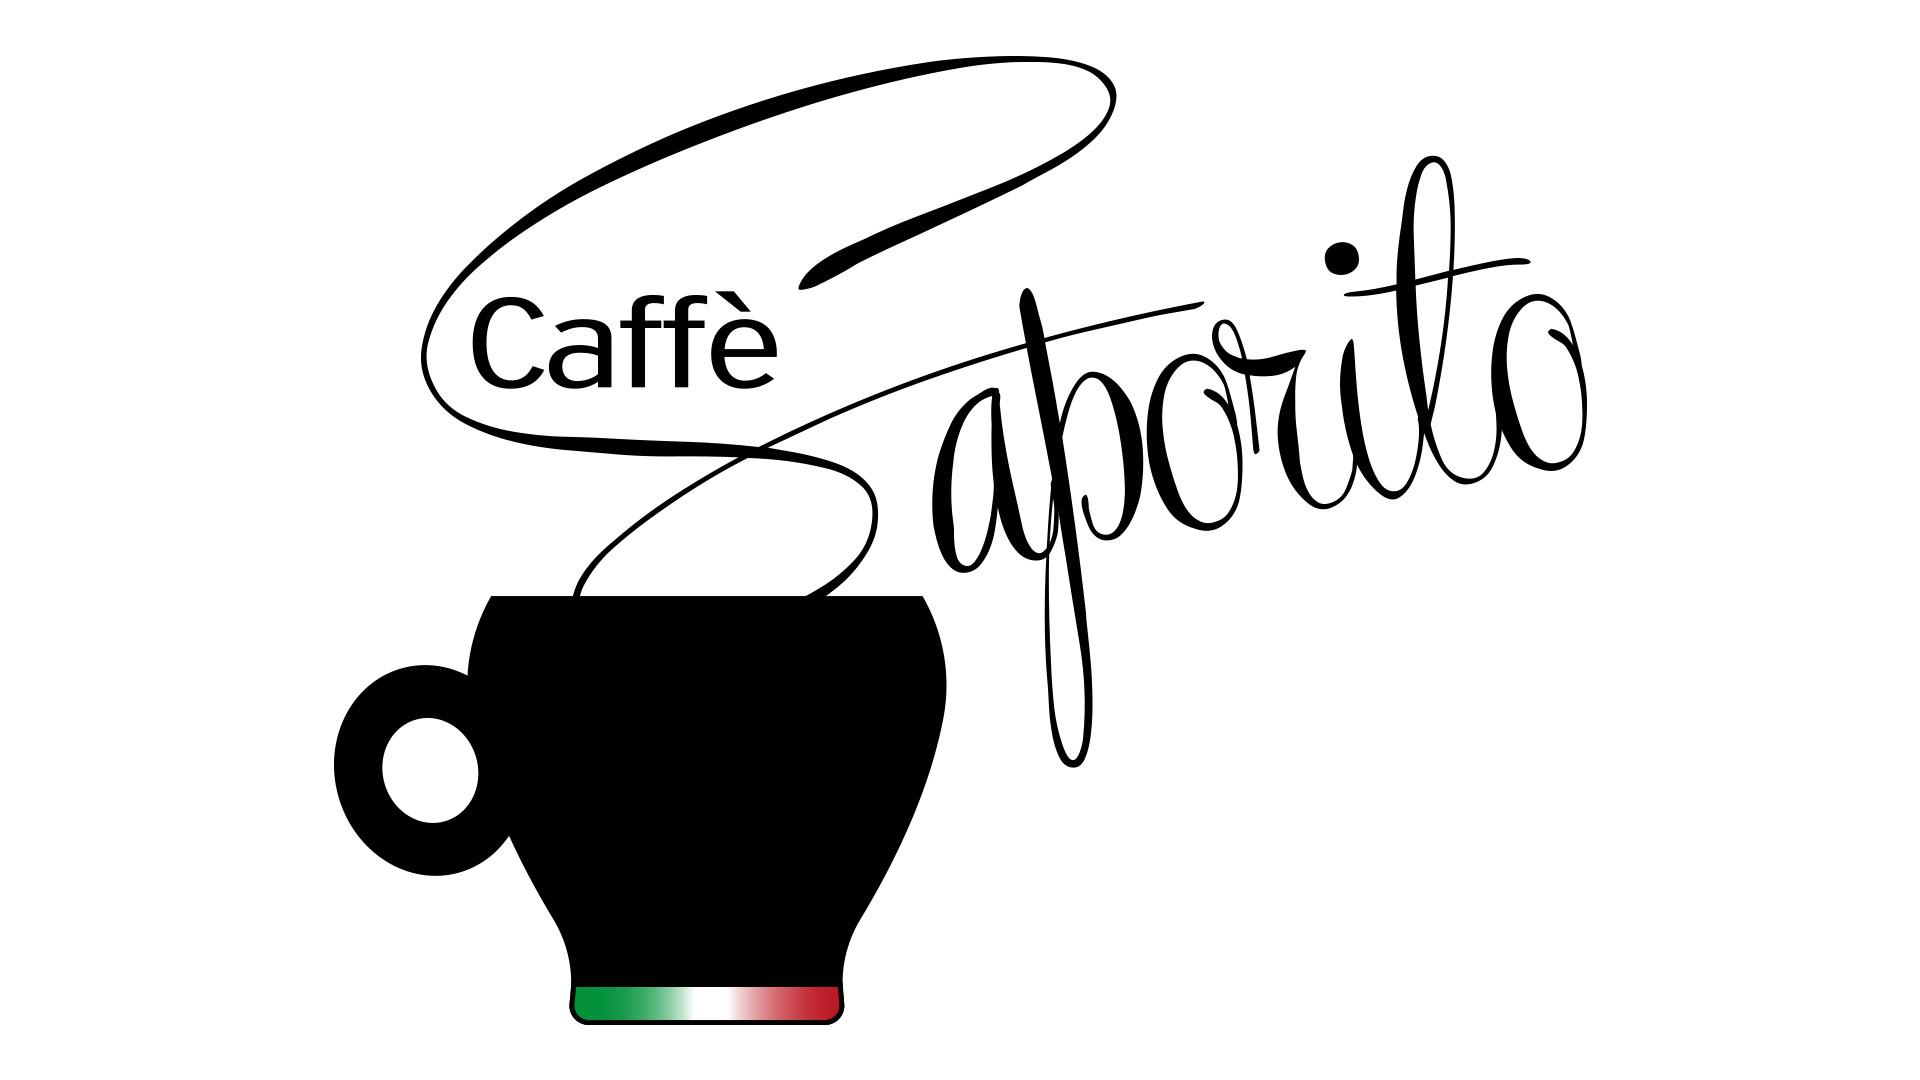 logo_caffe_Saporito